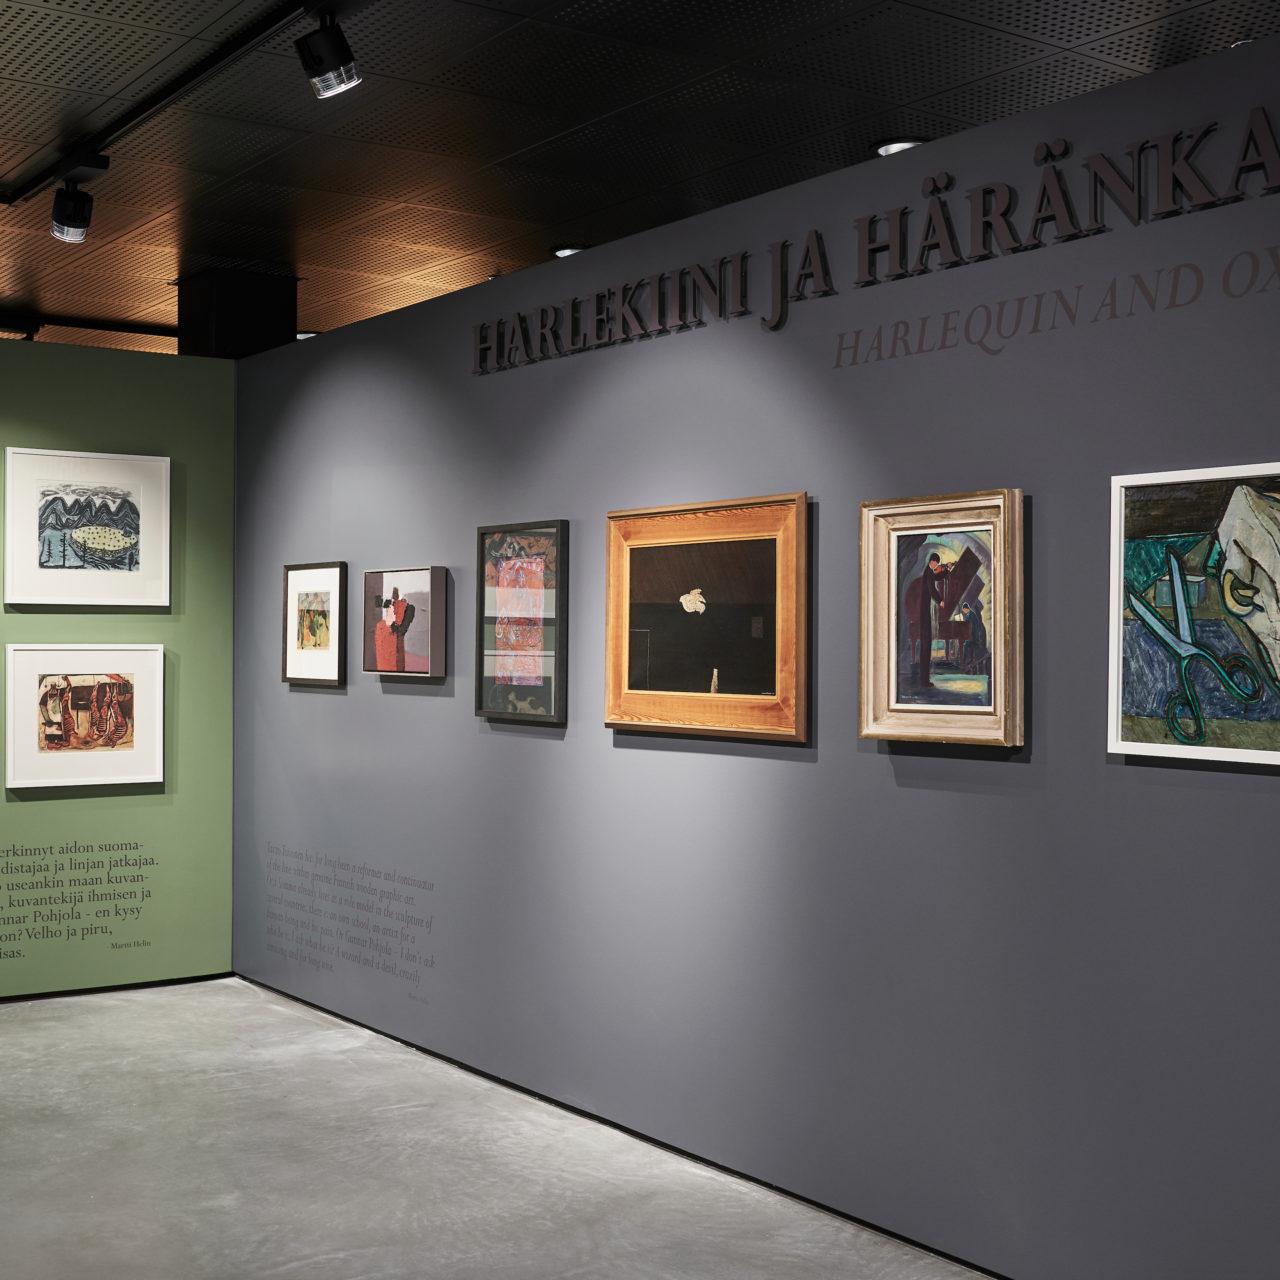 Harlekiini ja häränkallo-näyttelyssä on esillä maalauksia, veistoksia ja taideteollisuusesineita.